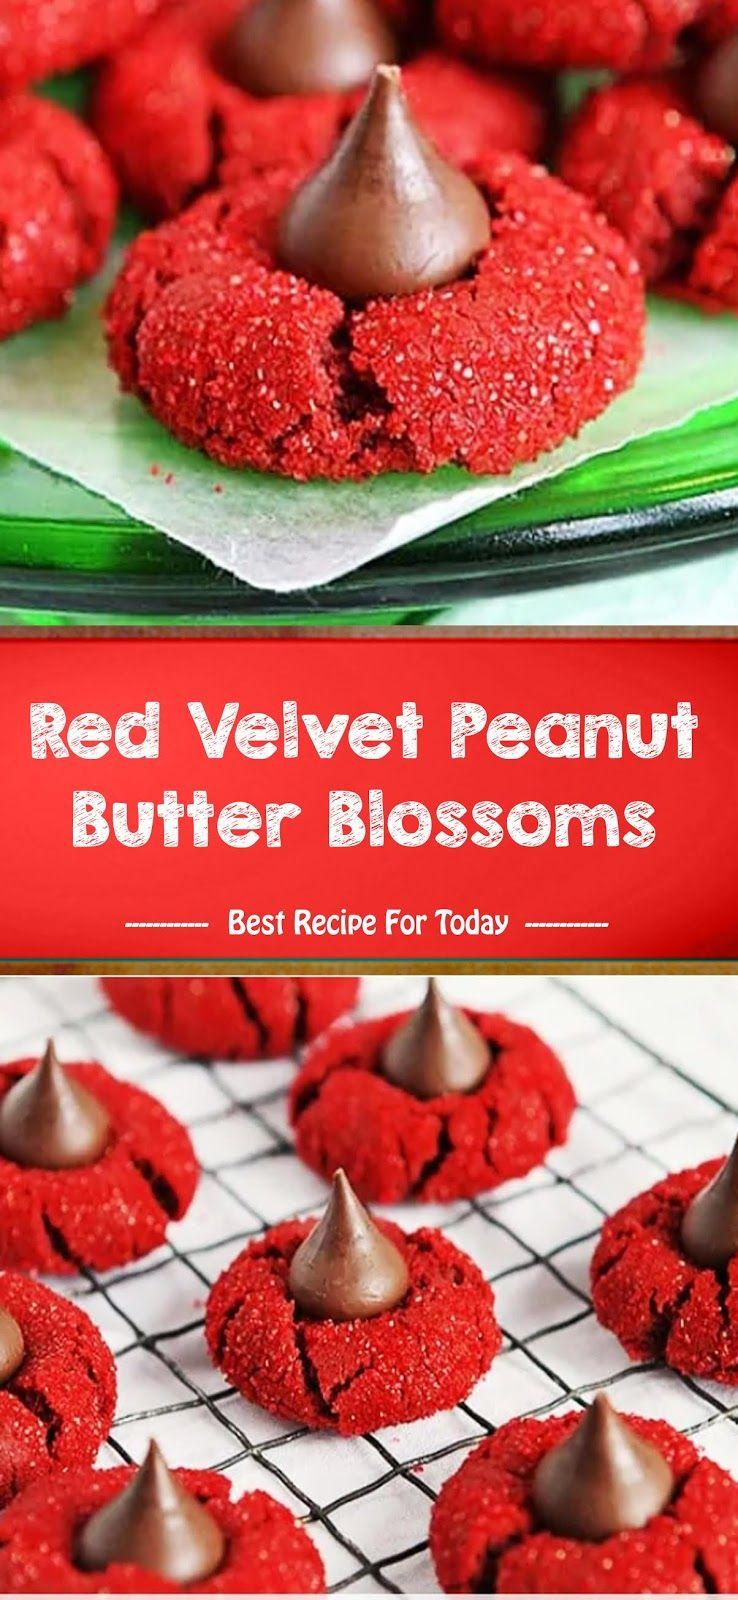 Red Velvet Peanut Butter Blossoms | Best Recipe 005 #redvelvetcheesecake